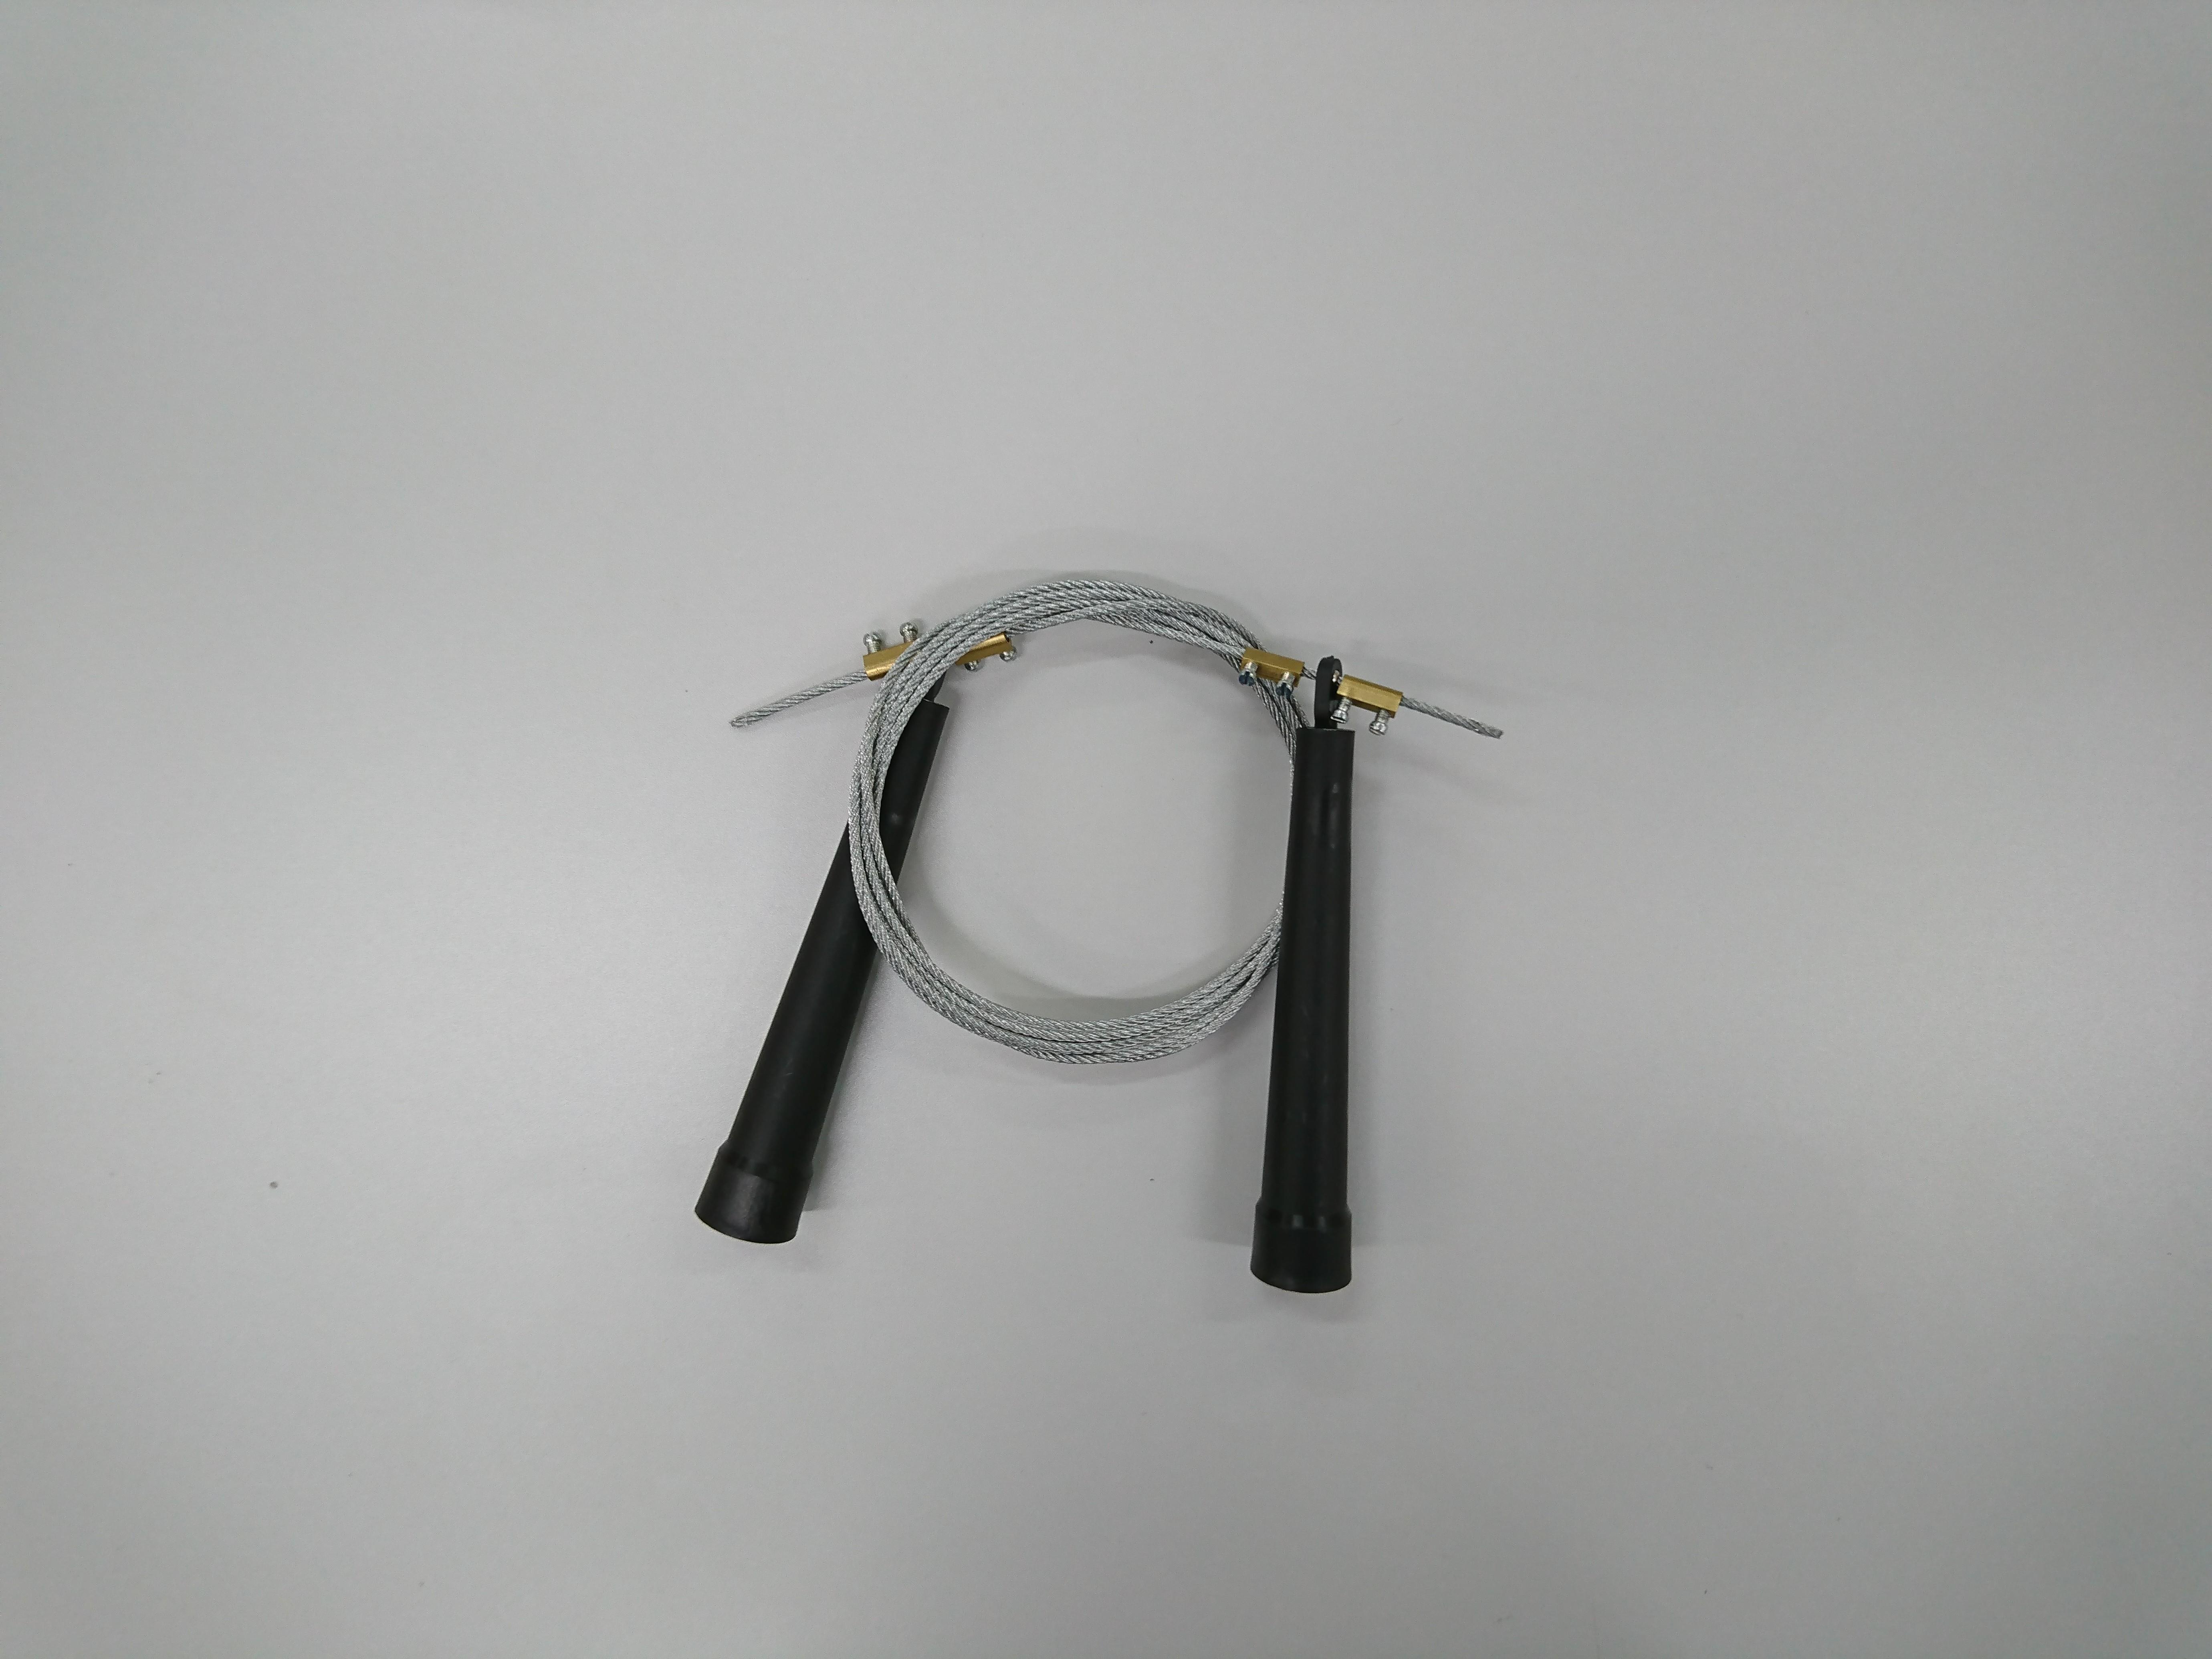 綱絲速度繩 (Wire) - 美國柄